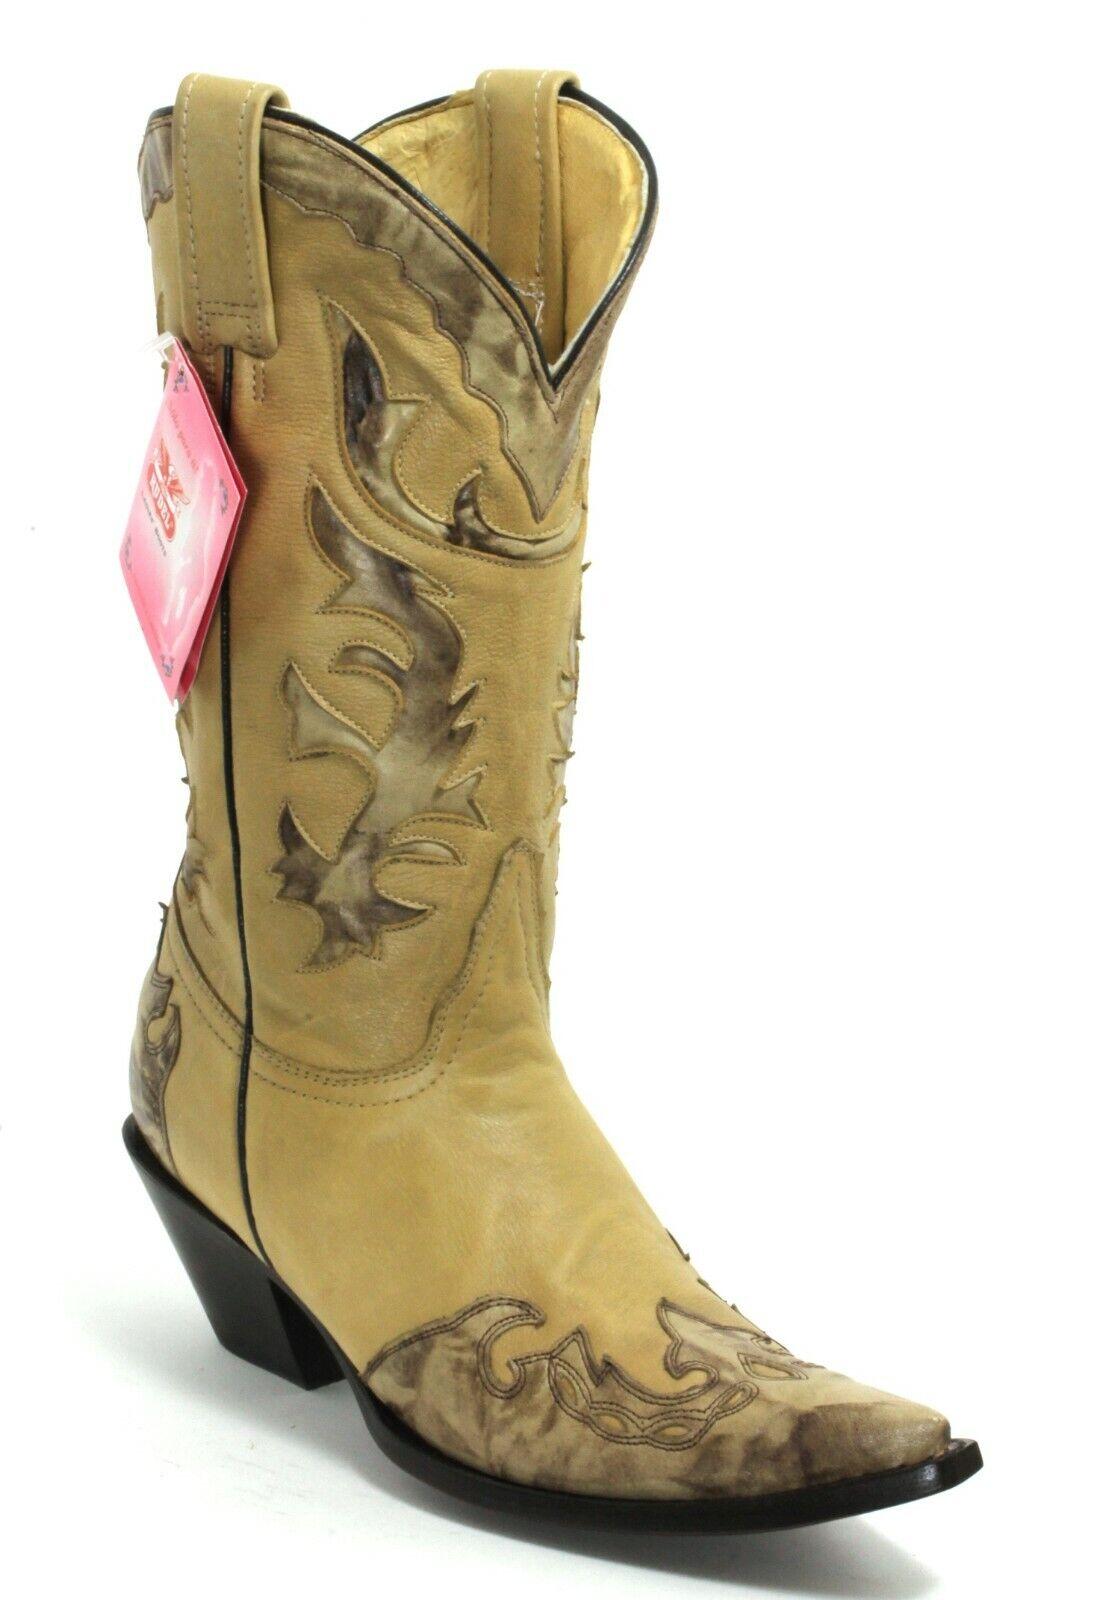 239 Cowboystiefel Westernstiefel Texas Rudel Catalan Style Stiefel Fashion 39    | Züchtungen Eingeführt Werden Eine Nach Der Anderen